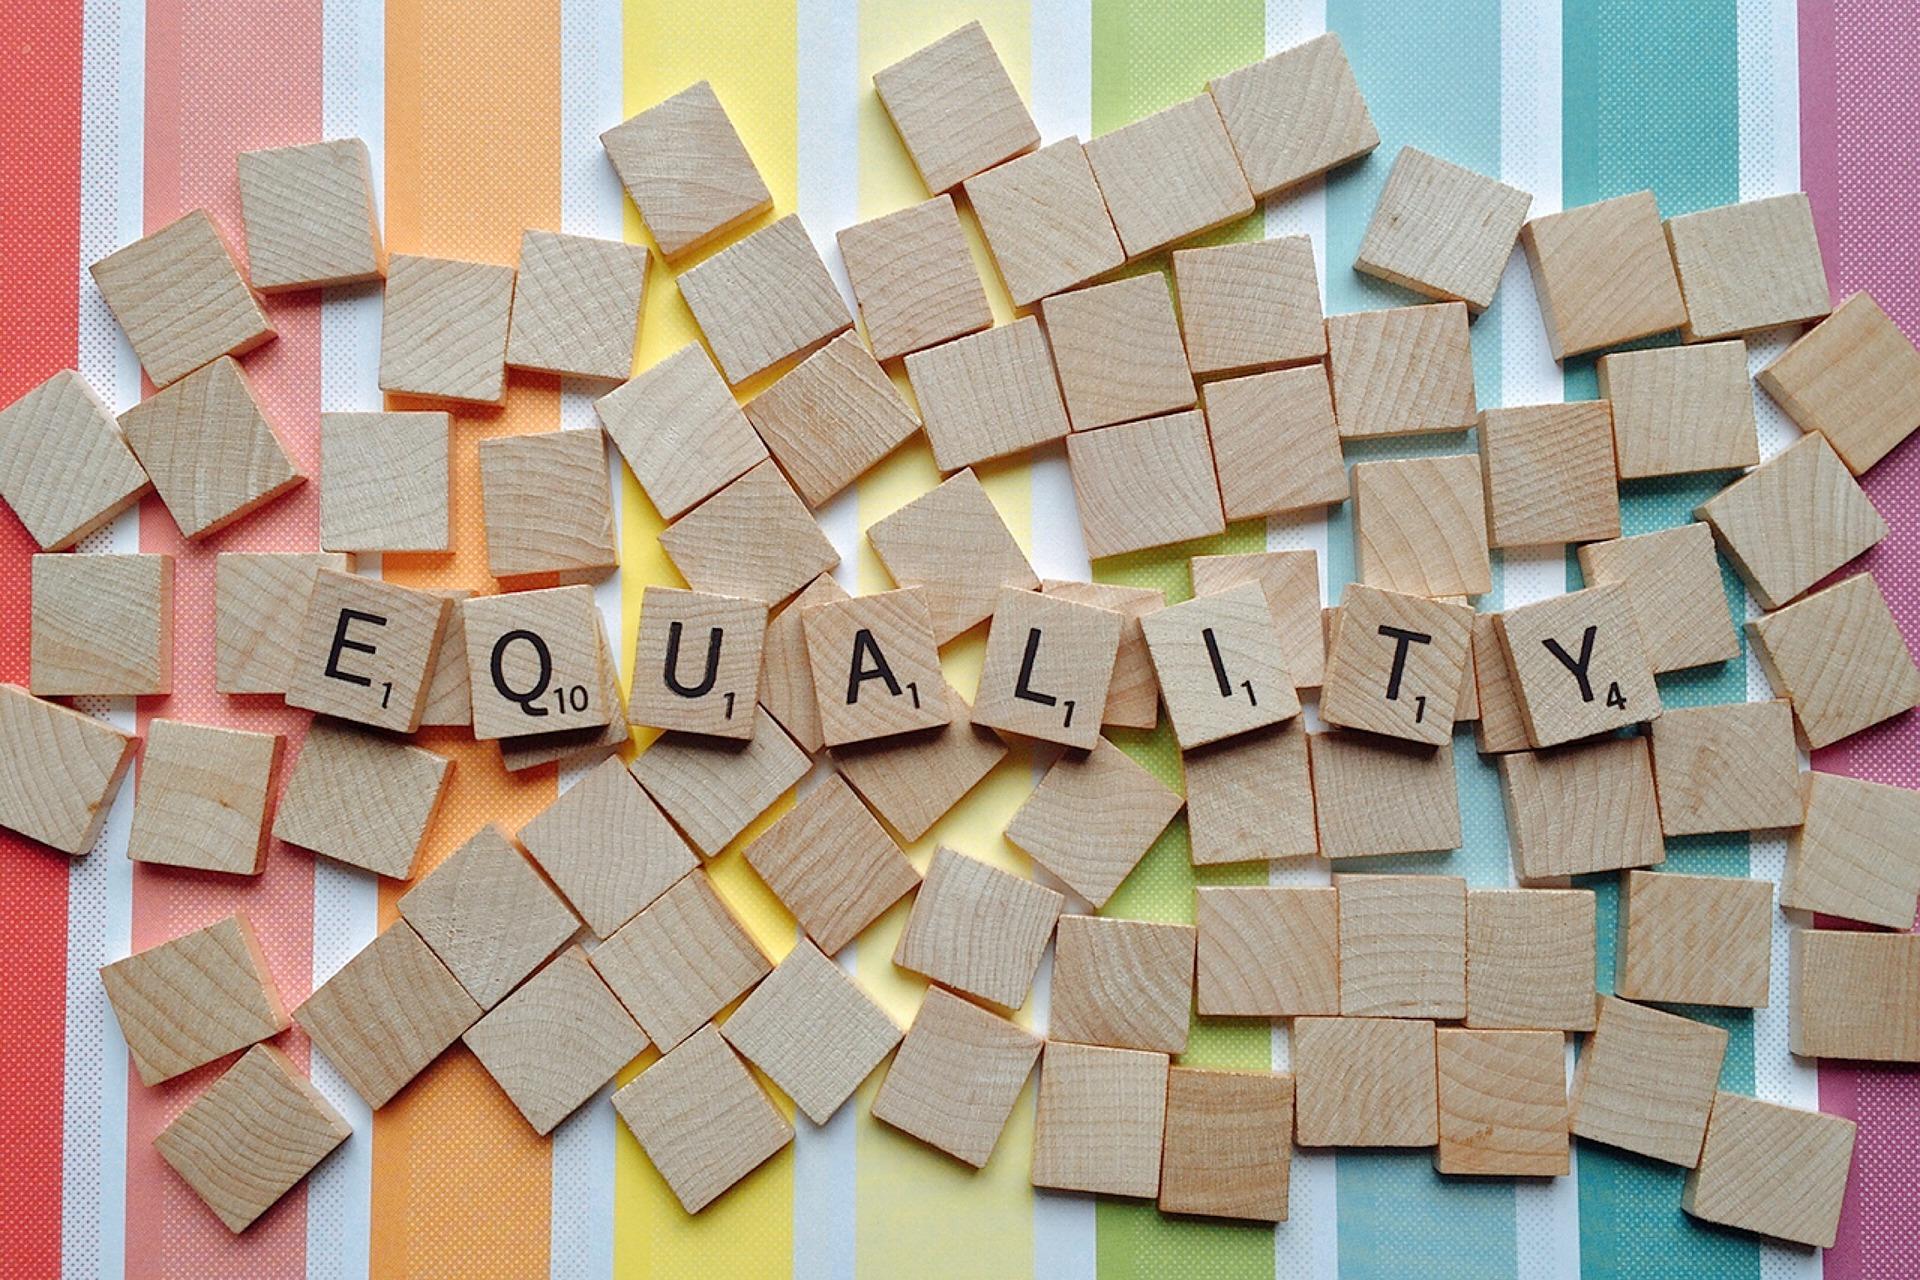 esélyegyenlőség - Equality